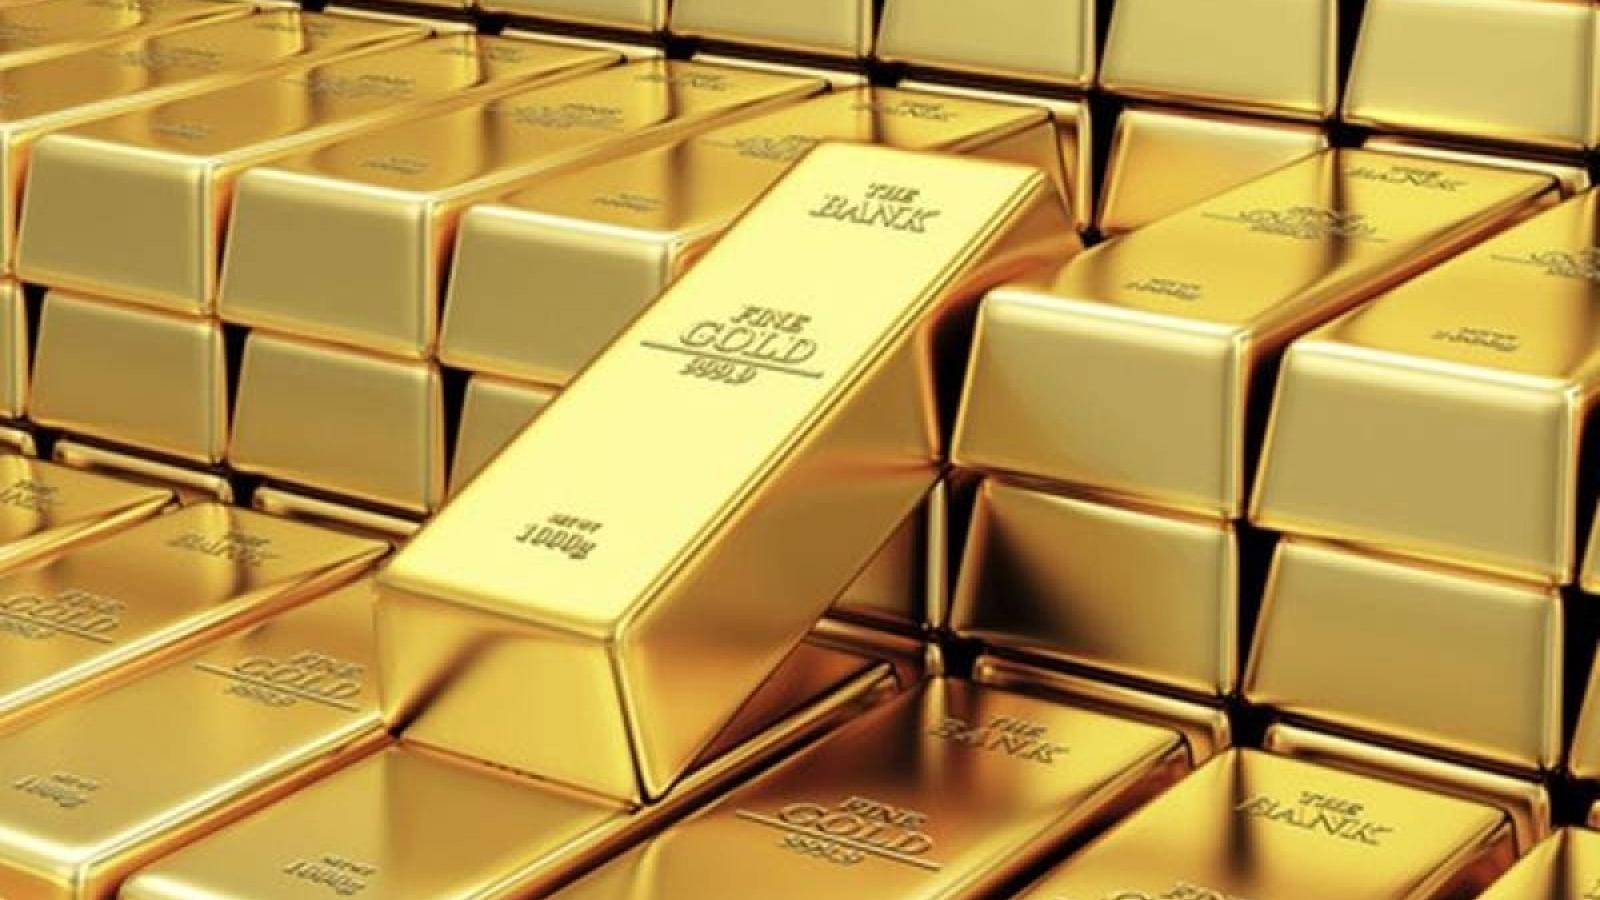 Giá vàng thế giới tăng nhẹ, vàng trong nước đứng yên phiên đầu tuần